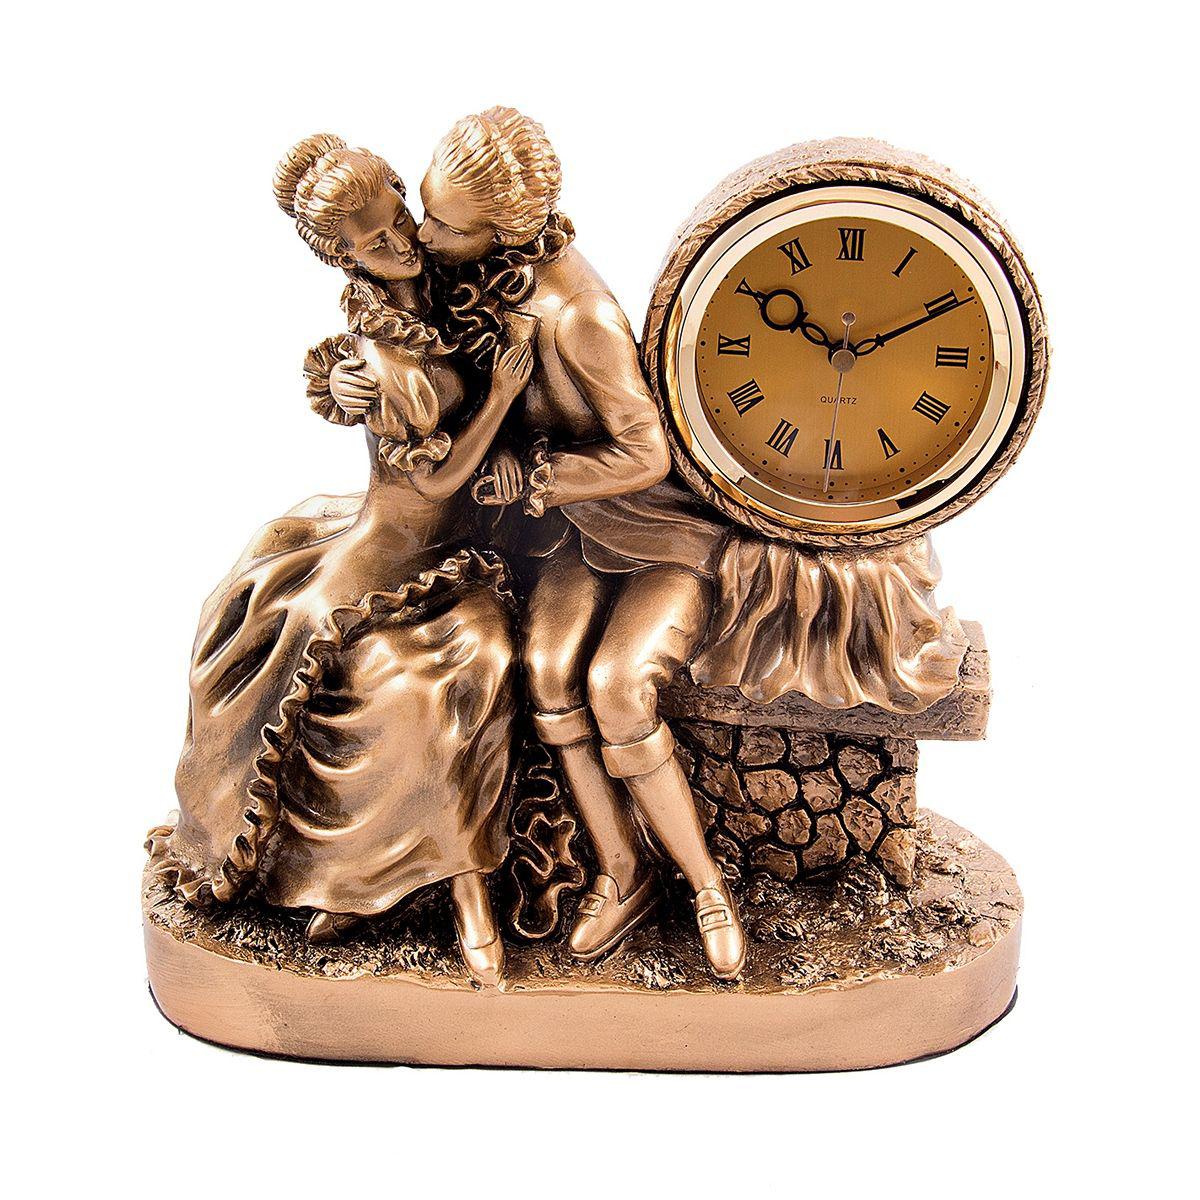 Часы настольные Русские Подарки Влюбленные, 29 х 15 х 29 см. 59332 статуэтка русские подарки африканка 14 х 15 х 22 см